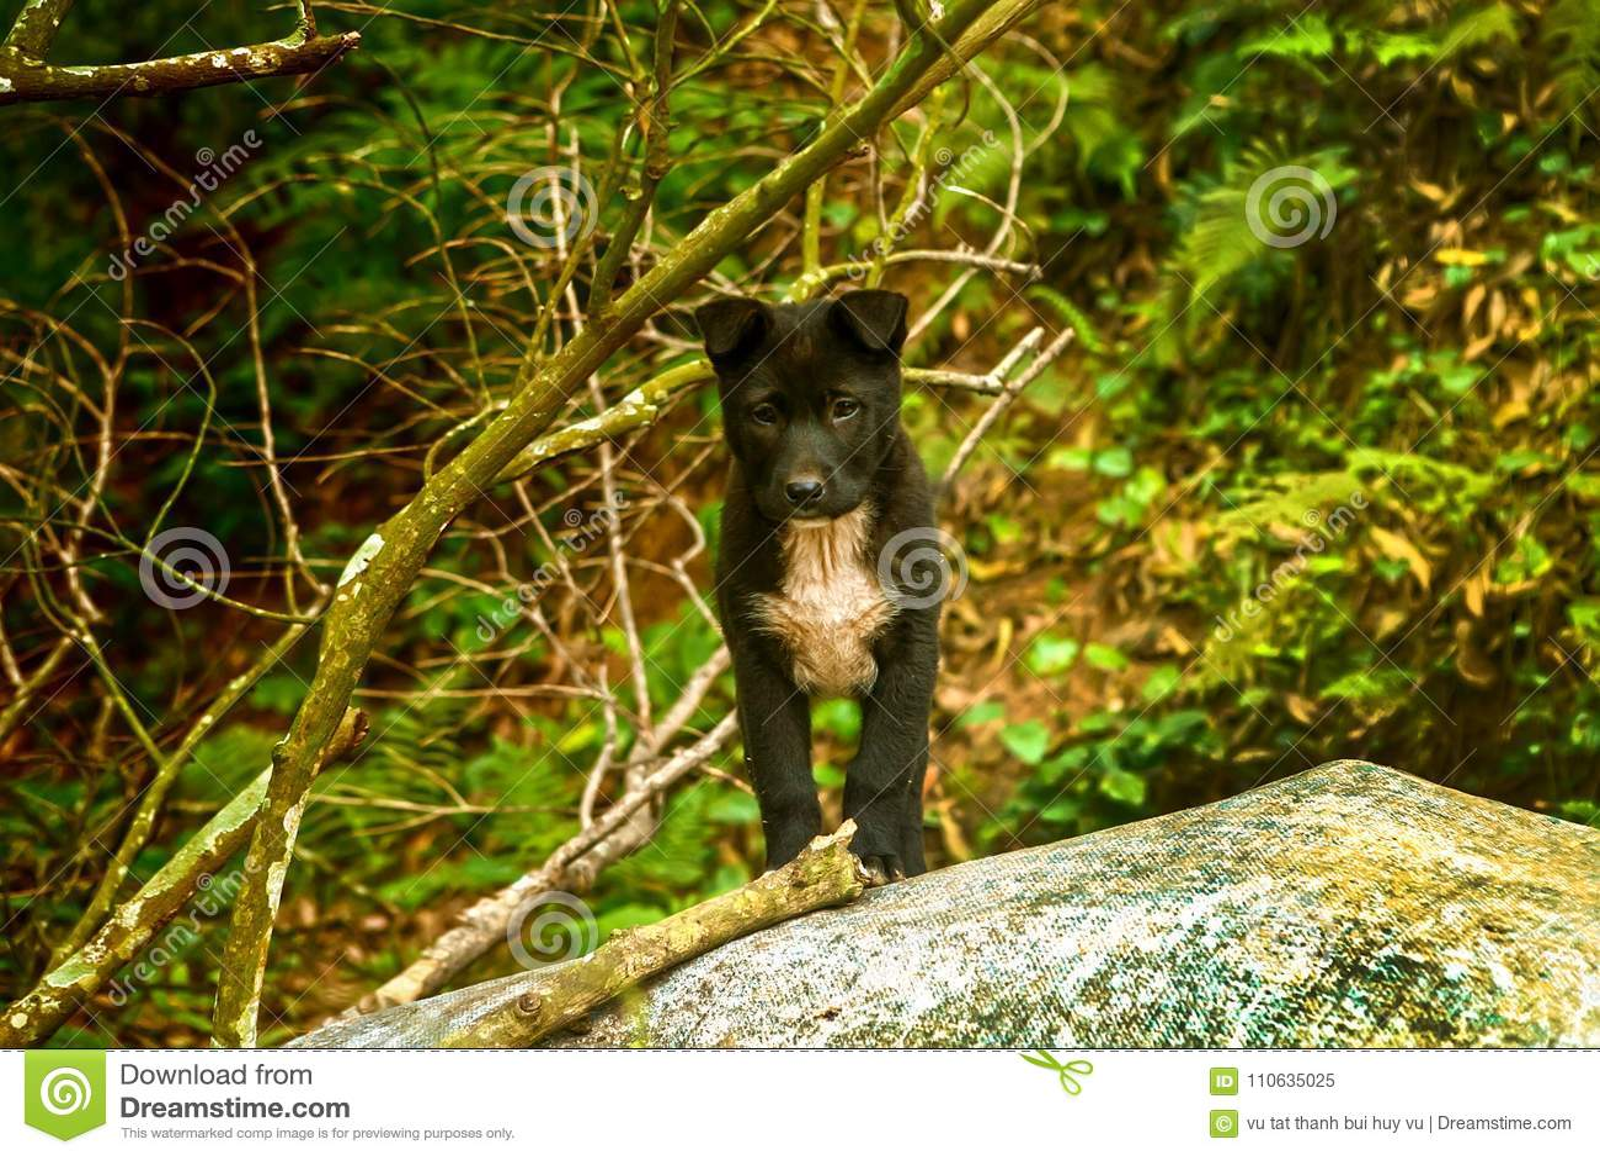 Verry leuk van de puppyhond bevindt zich in het boszoogdier Hond Huisdier Portret reuk Canis Lupus binnenlandse hond